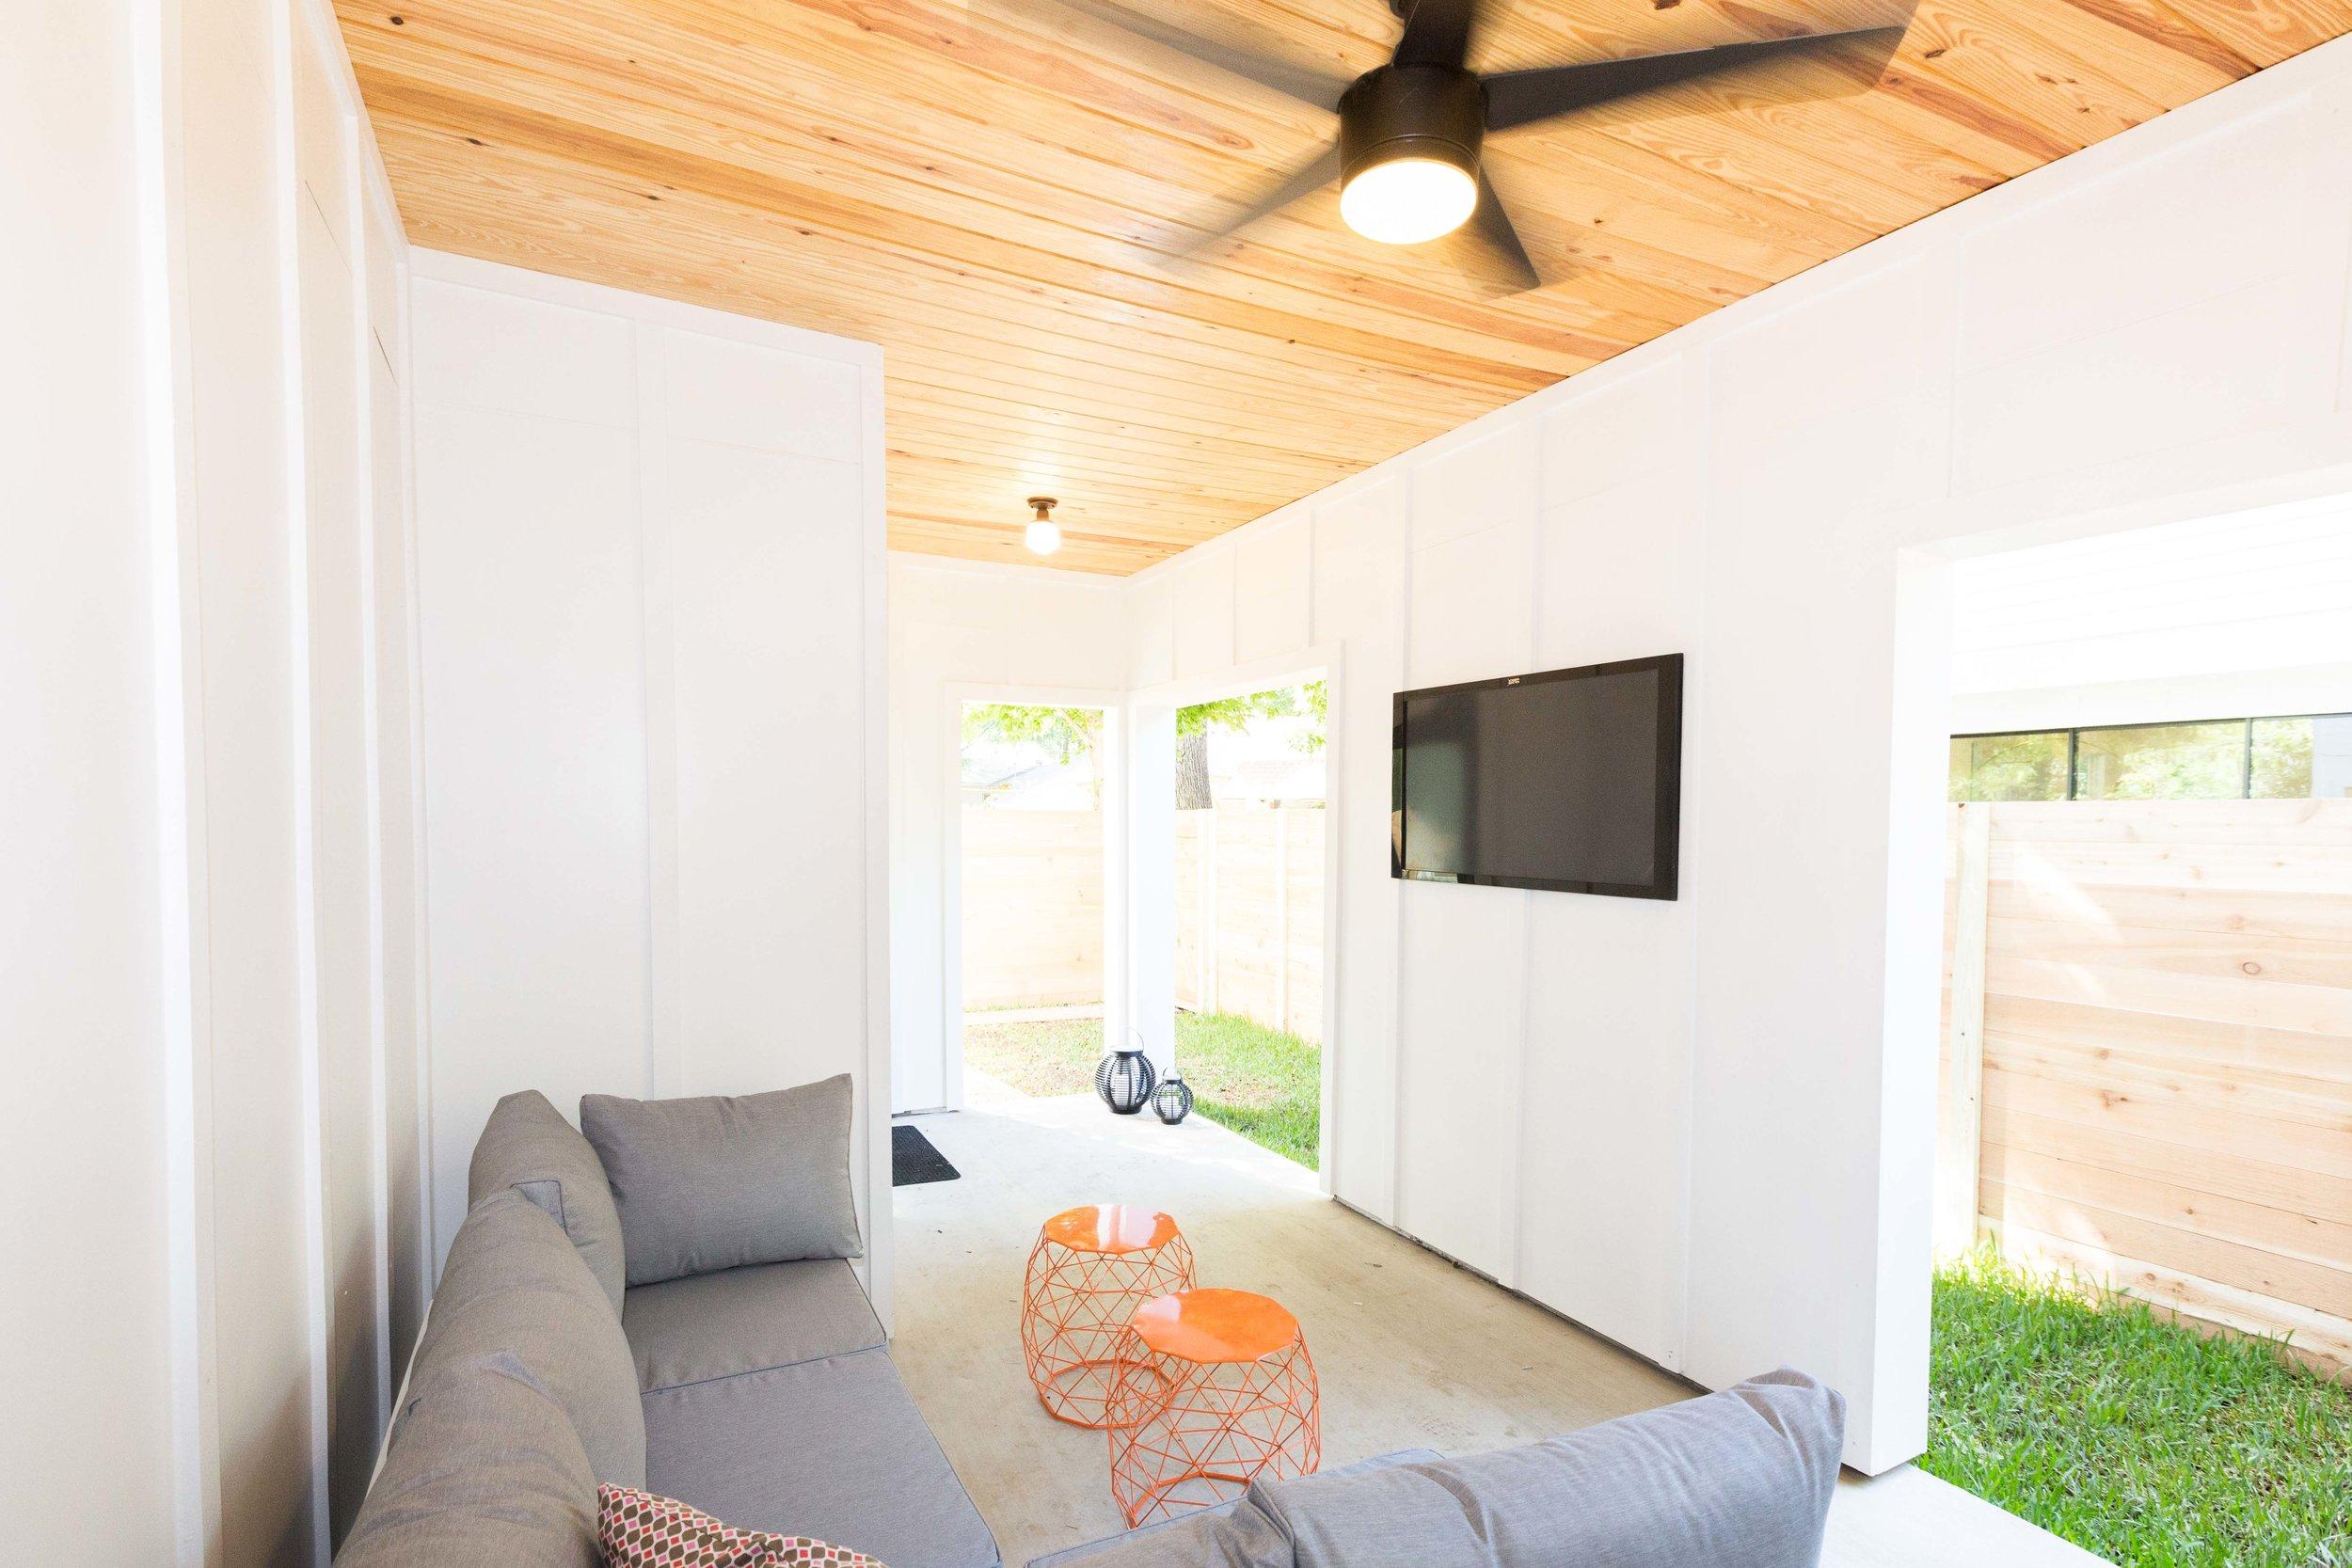 2504_WillowB_-_East_Austin_Alley_House_Modern_Cottage-9905[1].jpg